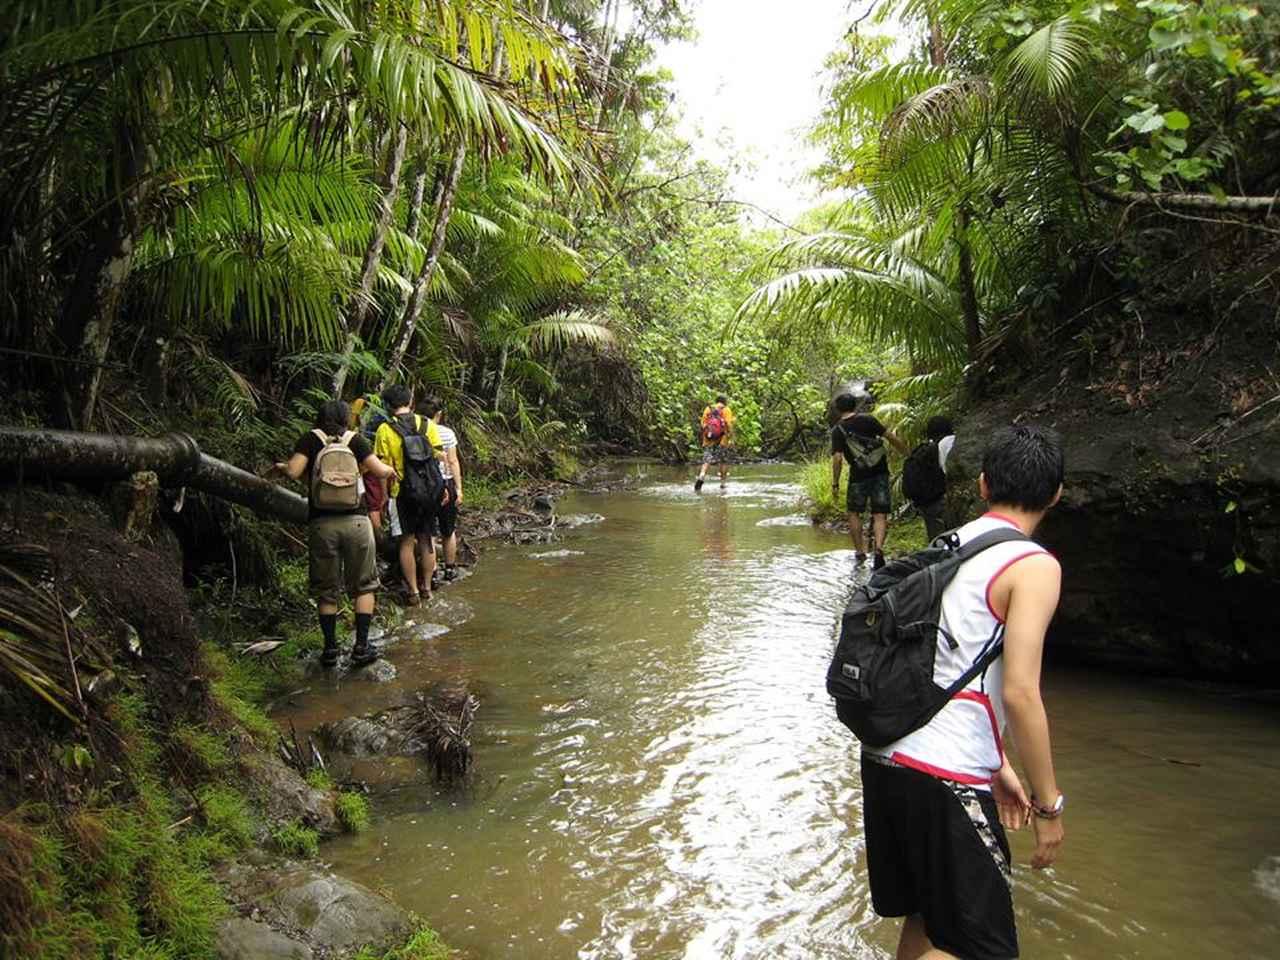 画像: ジャングル探検もグアムを楽しむ醍醐味のひとつ